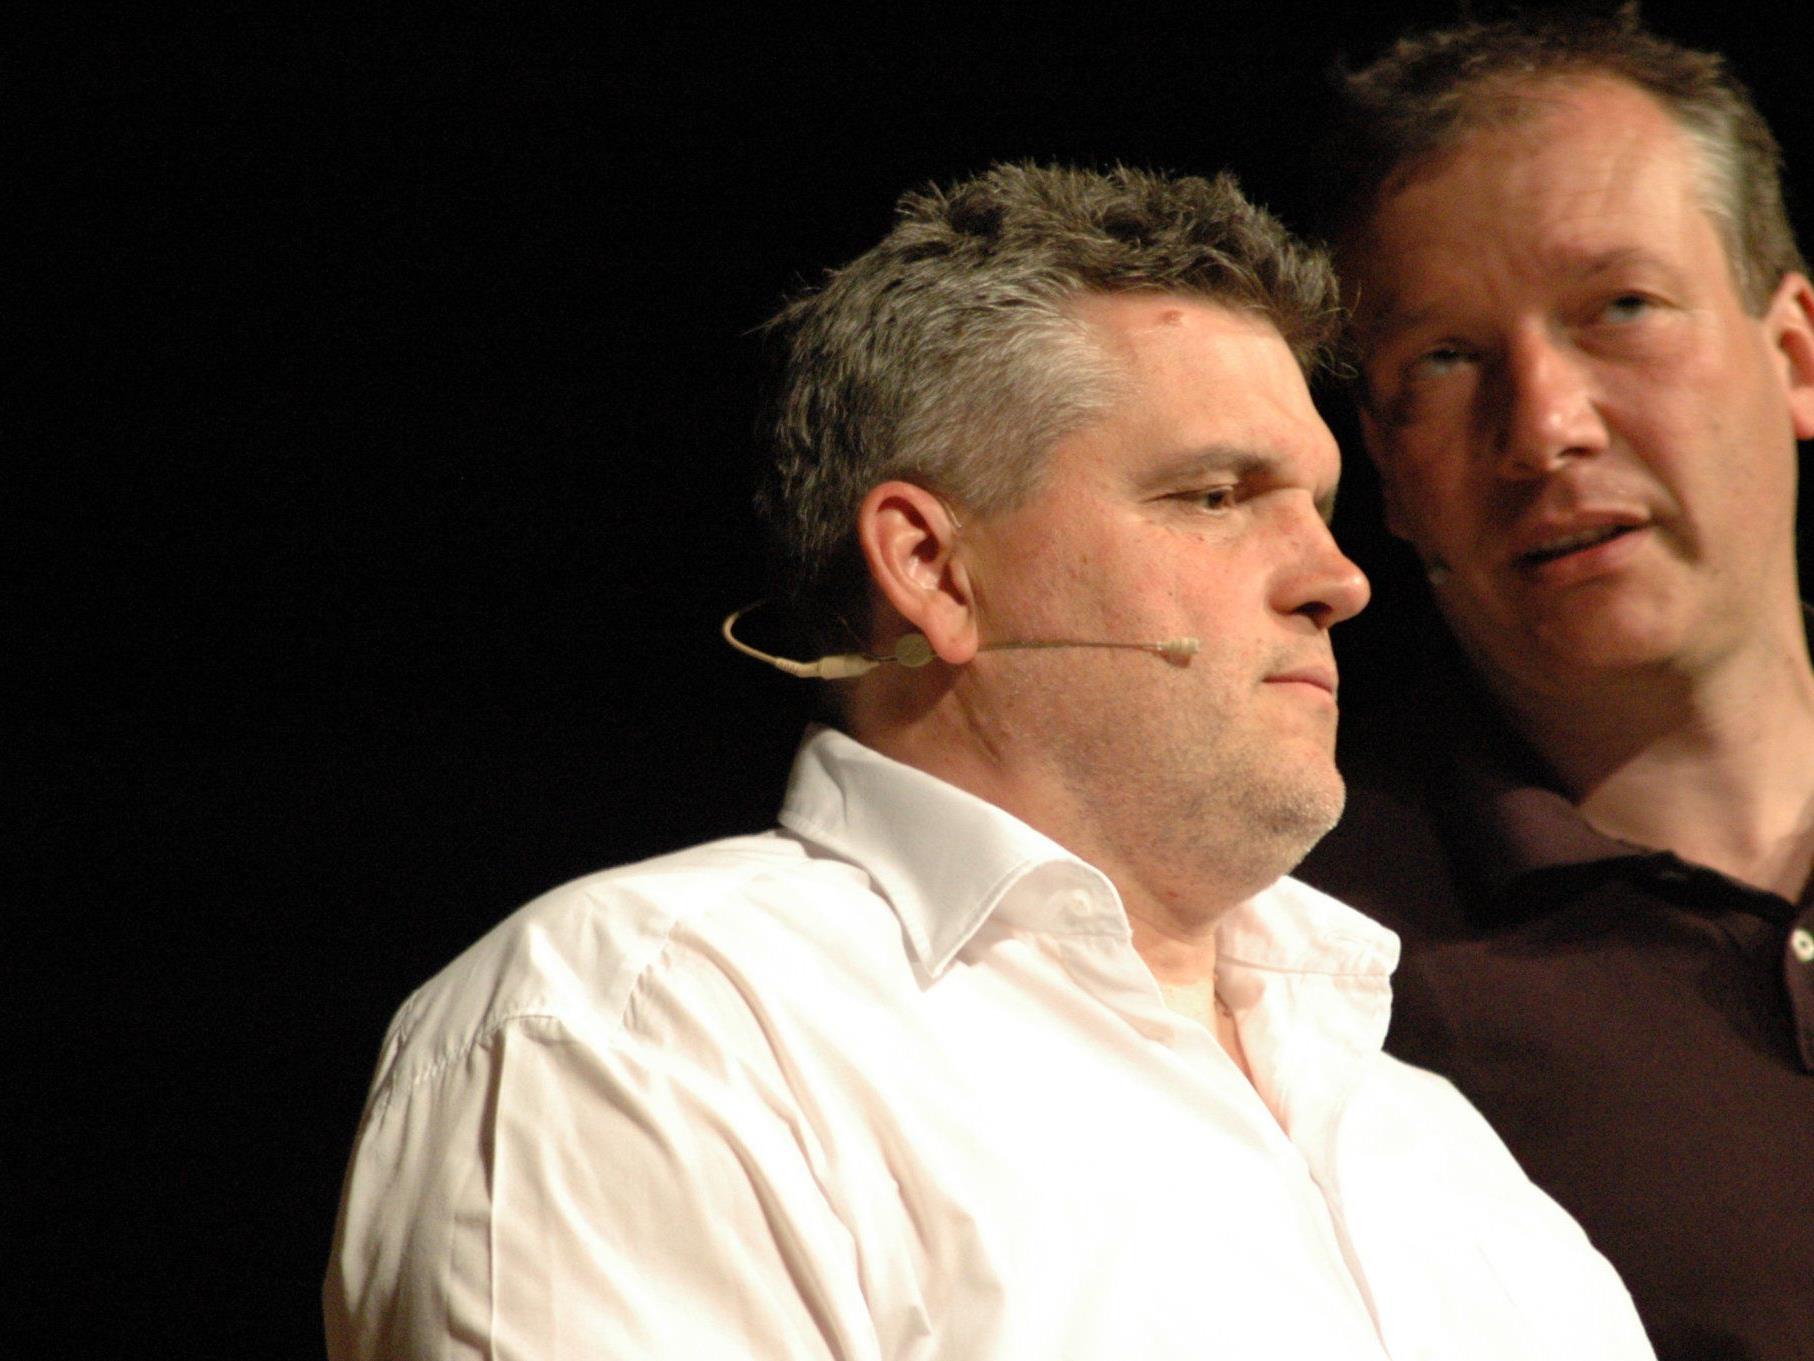 Boten den vielen Kabarettfans in Klaus einen unvergesslichen Abend George Nussbaumer & Stefan Voegel.